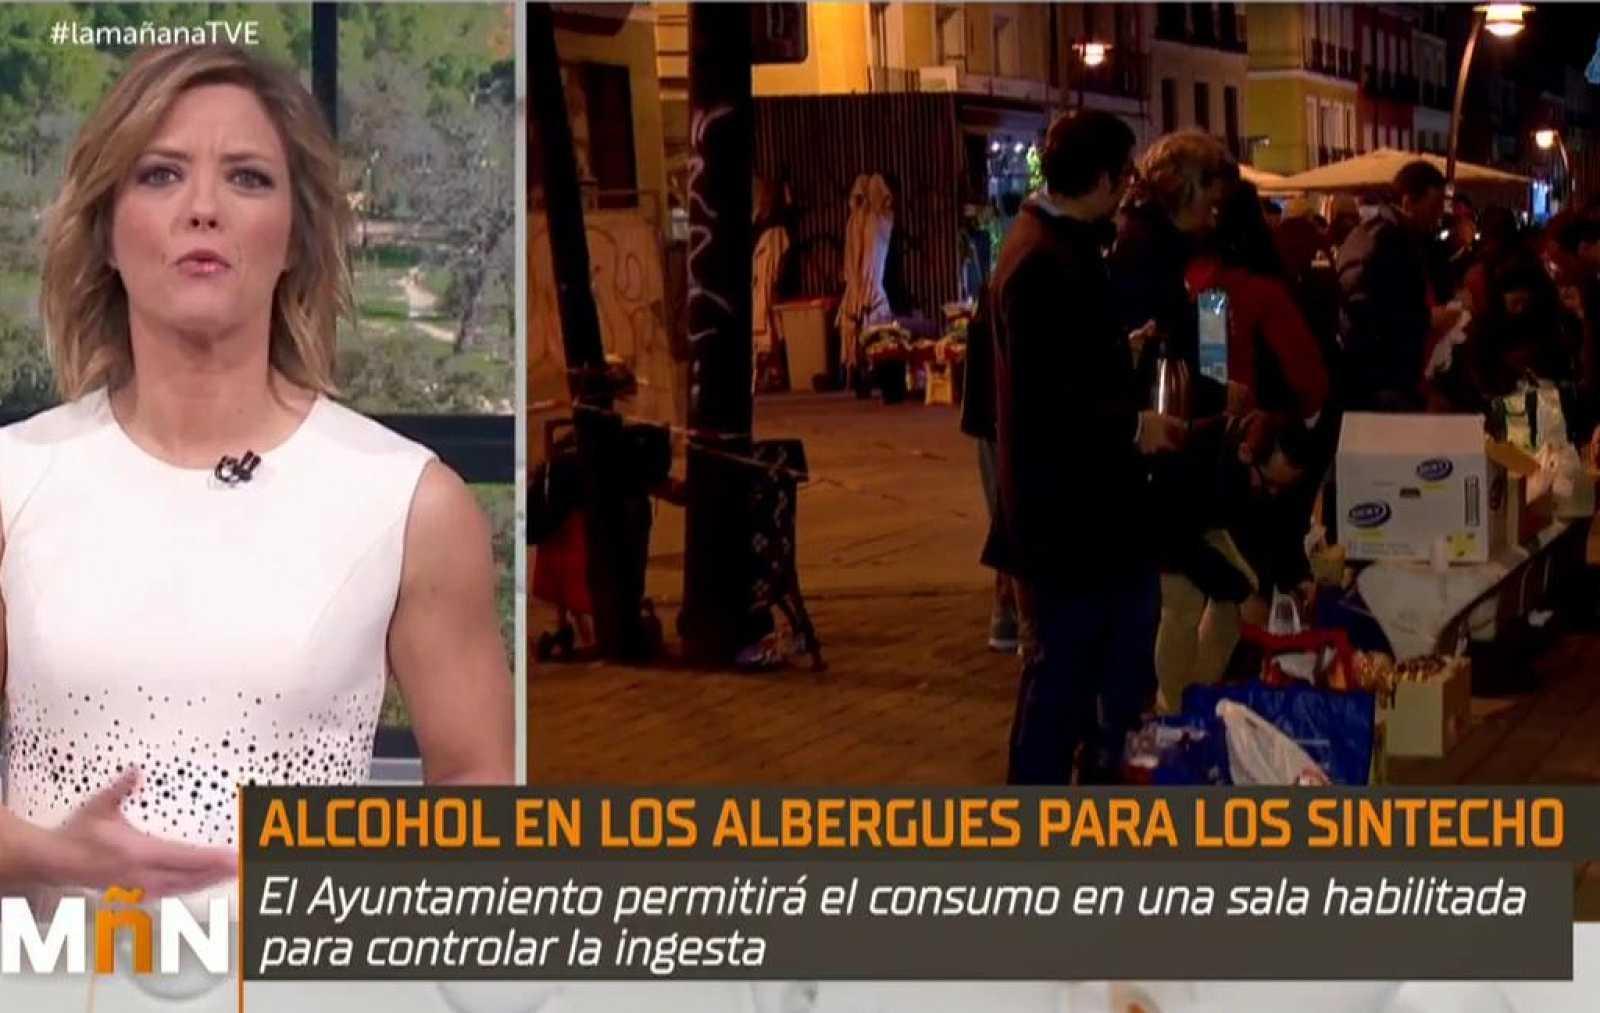 La Mañana - Alcohol en los Albergues: La Comunidad de Madrid habilitará un lugar controlado donde las personas sin hogar puedan beber